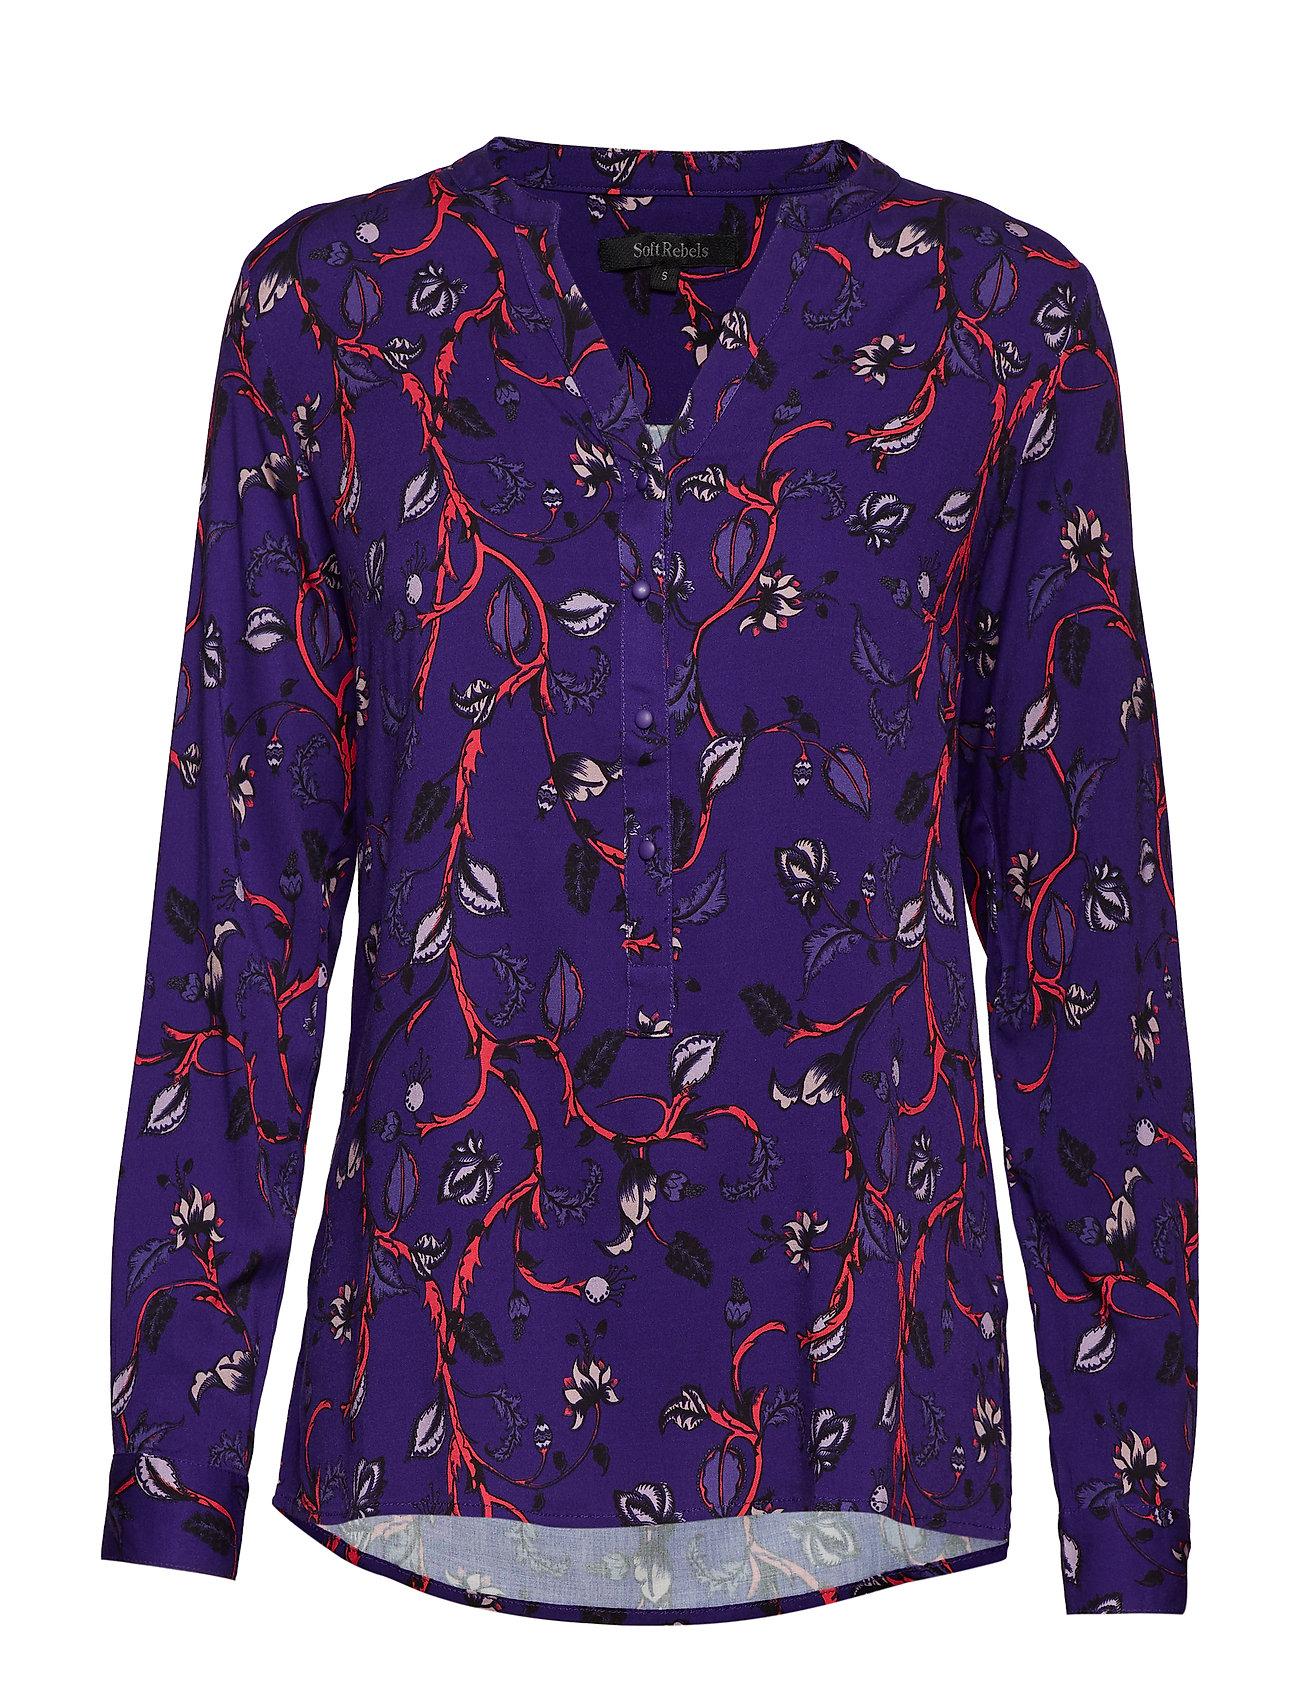 Soft Rebels Smila Button Shirt - 794 SMILA PURPLE PRINT